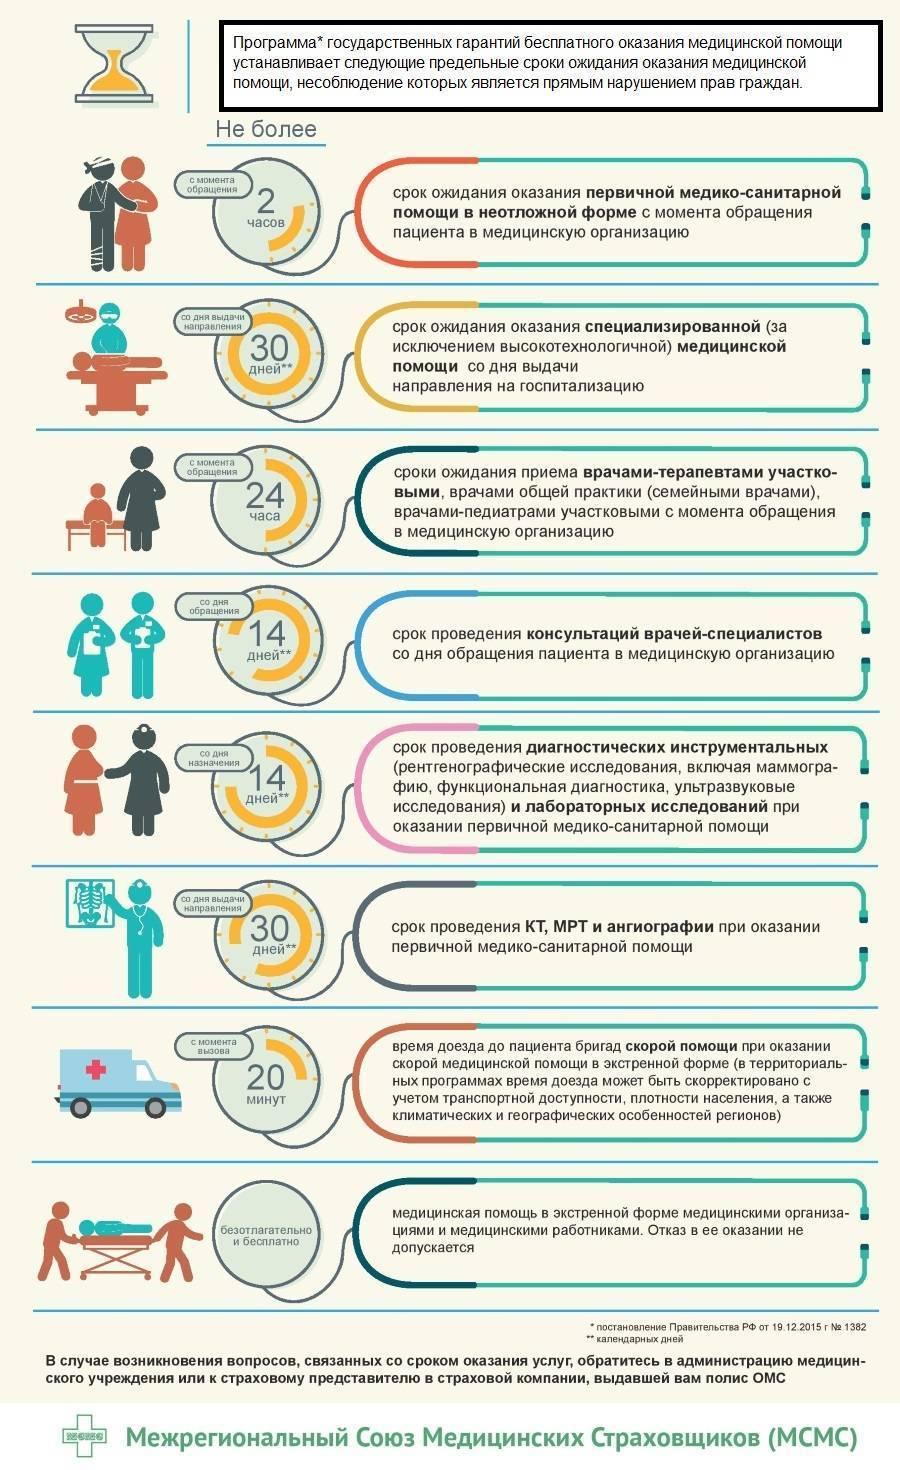 Профилактика бронхиальной астмы у взрослых и детей